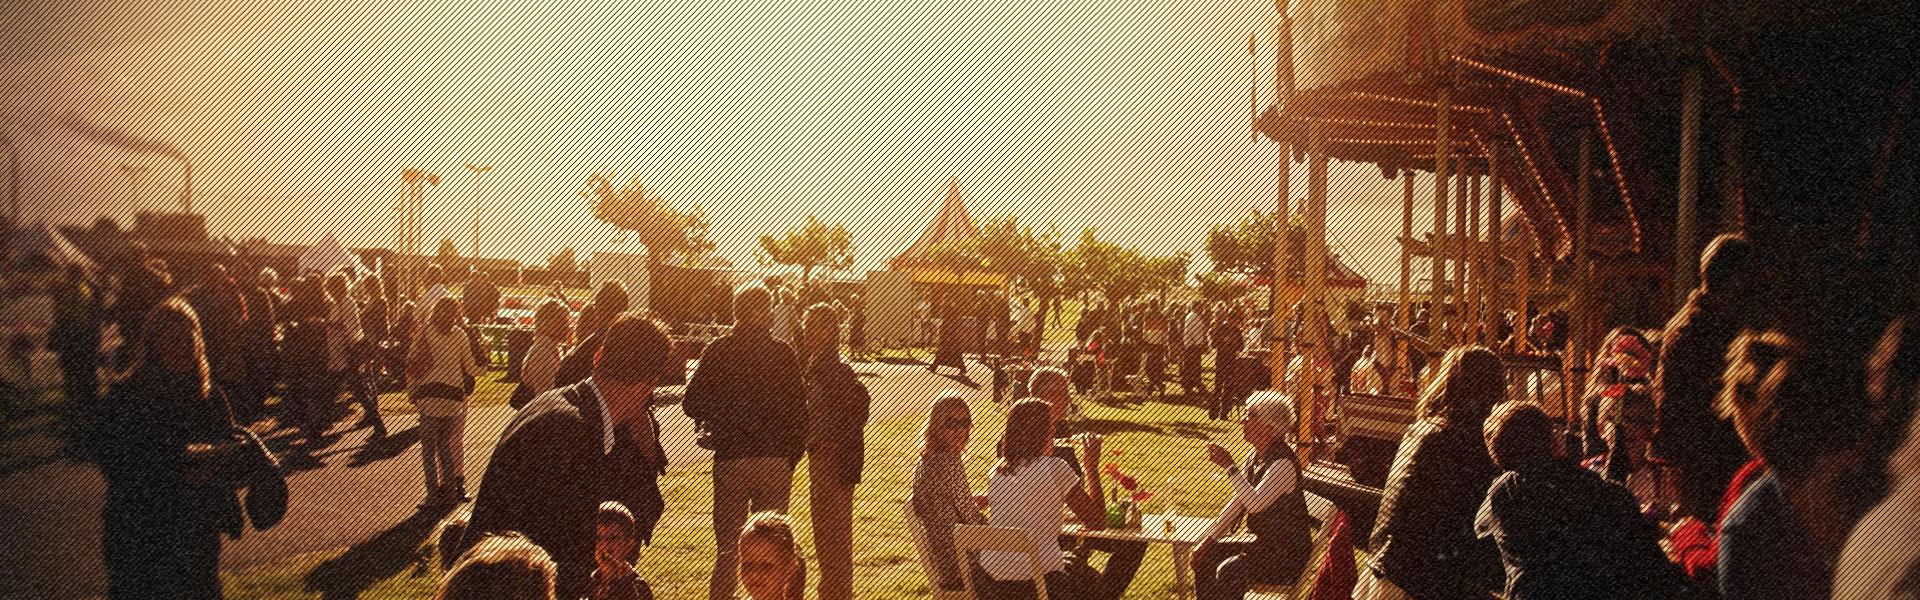 Festival_van_de_Zaak_002